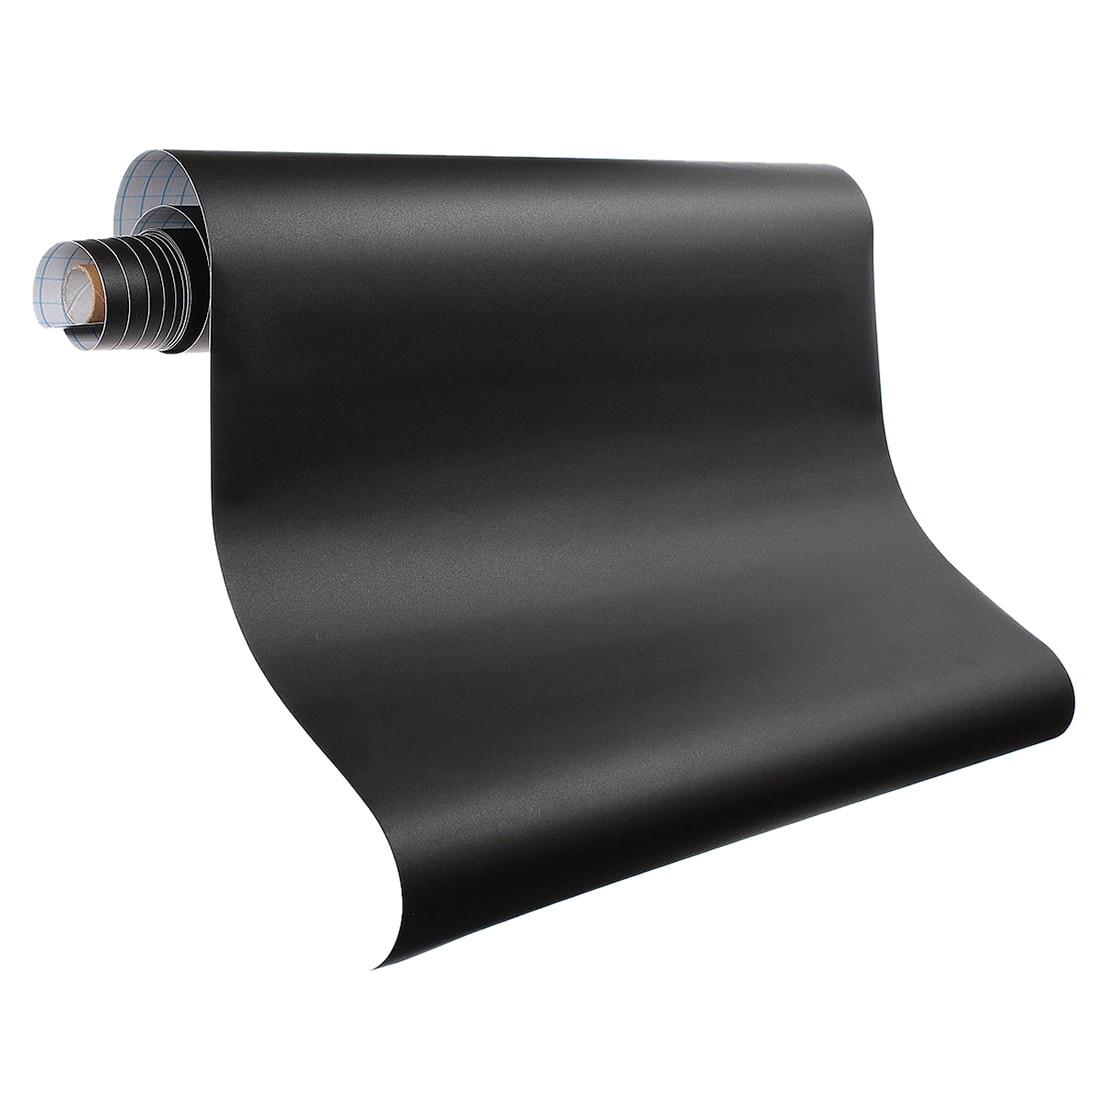 JSES 200x60cm Removable Chalkboard Vinyl Wall Sticker Blackboard Decal Peel Stick Office School Supply